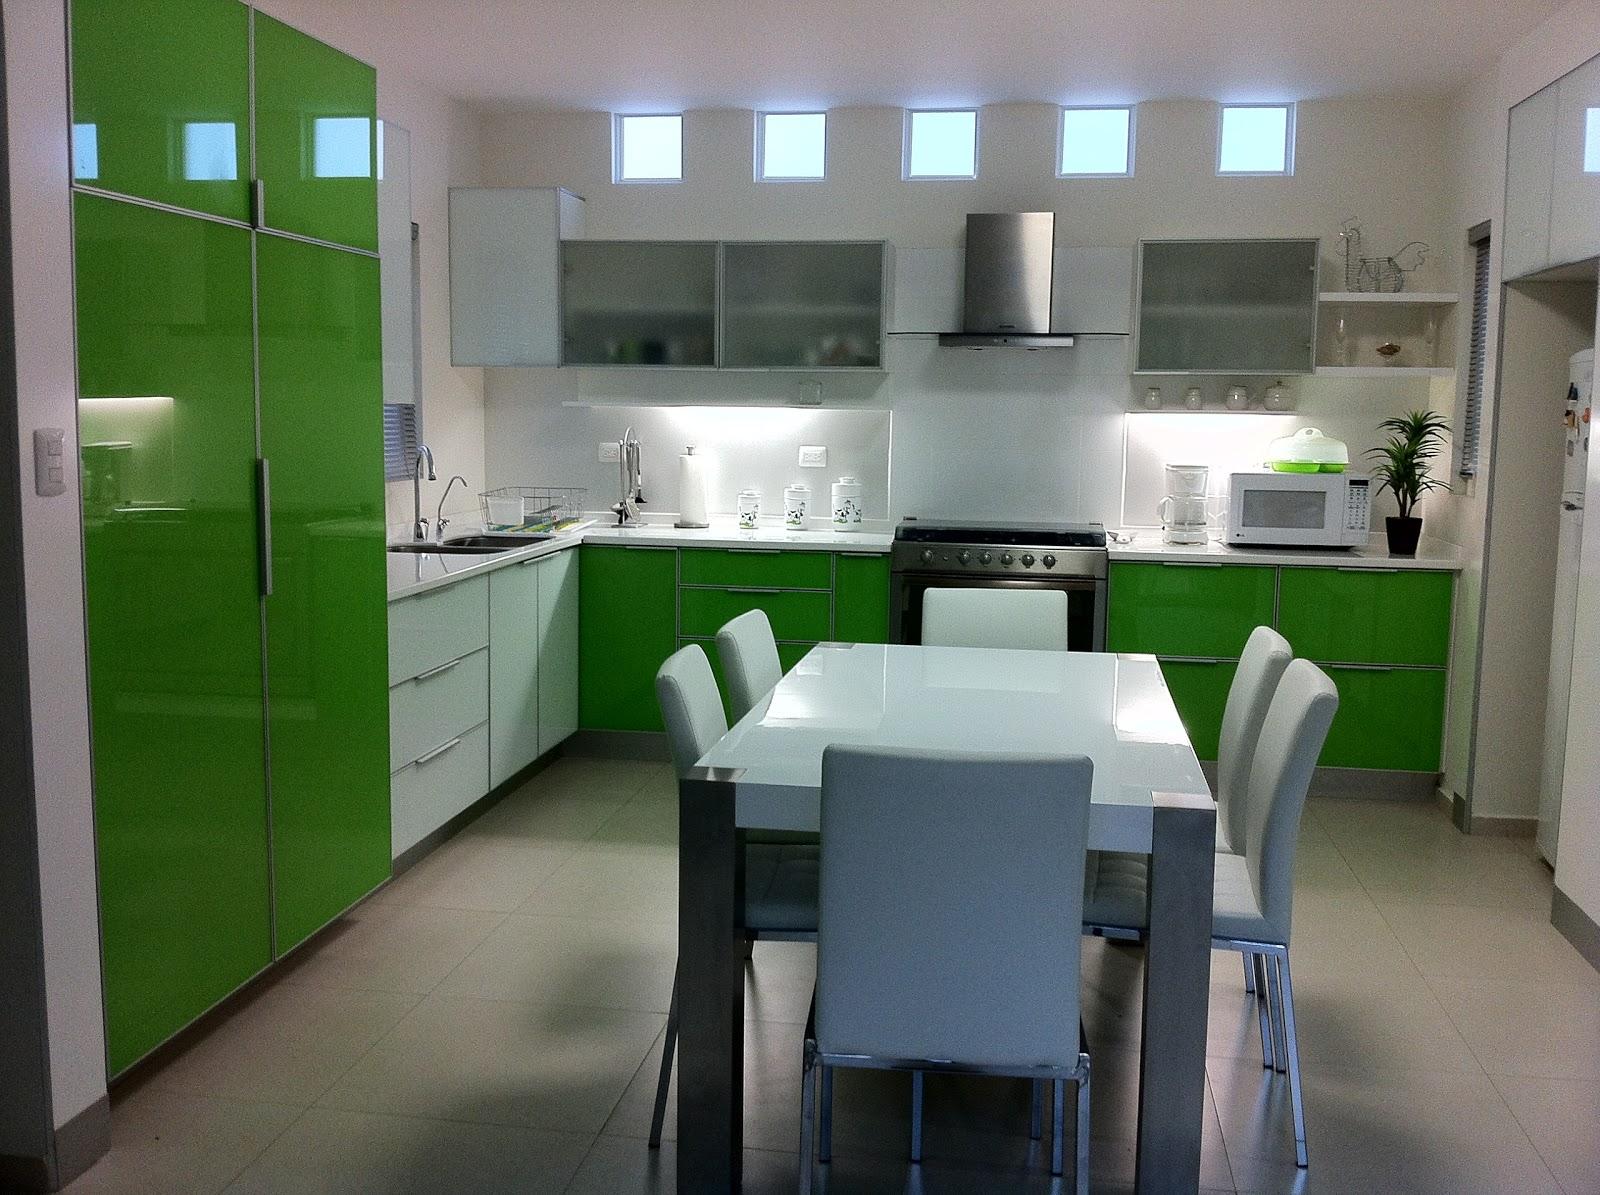 Heynez cocinas modernas cocina cristal for Cocinas integrales en aluminio